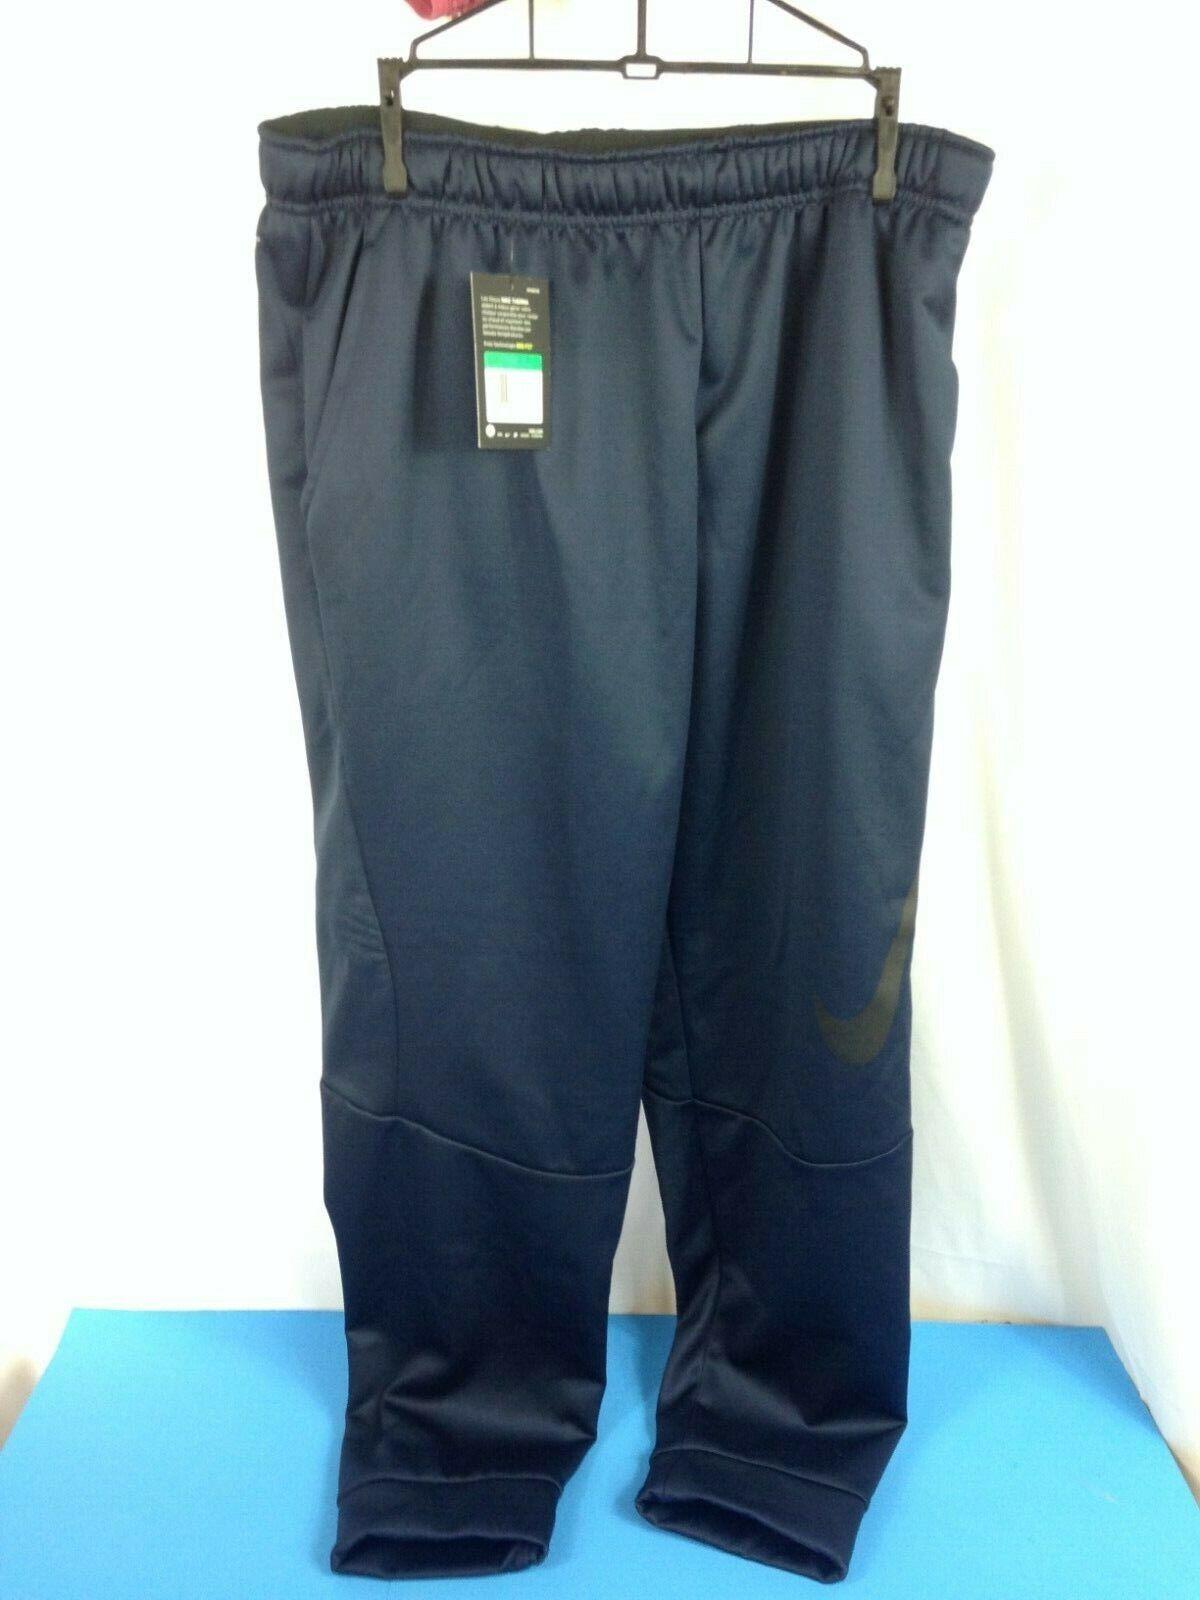 NEW Men/'s Nike Therma Swoosh Training Dri Fit Pants Tapered AQ2715 Black XL